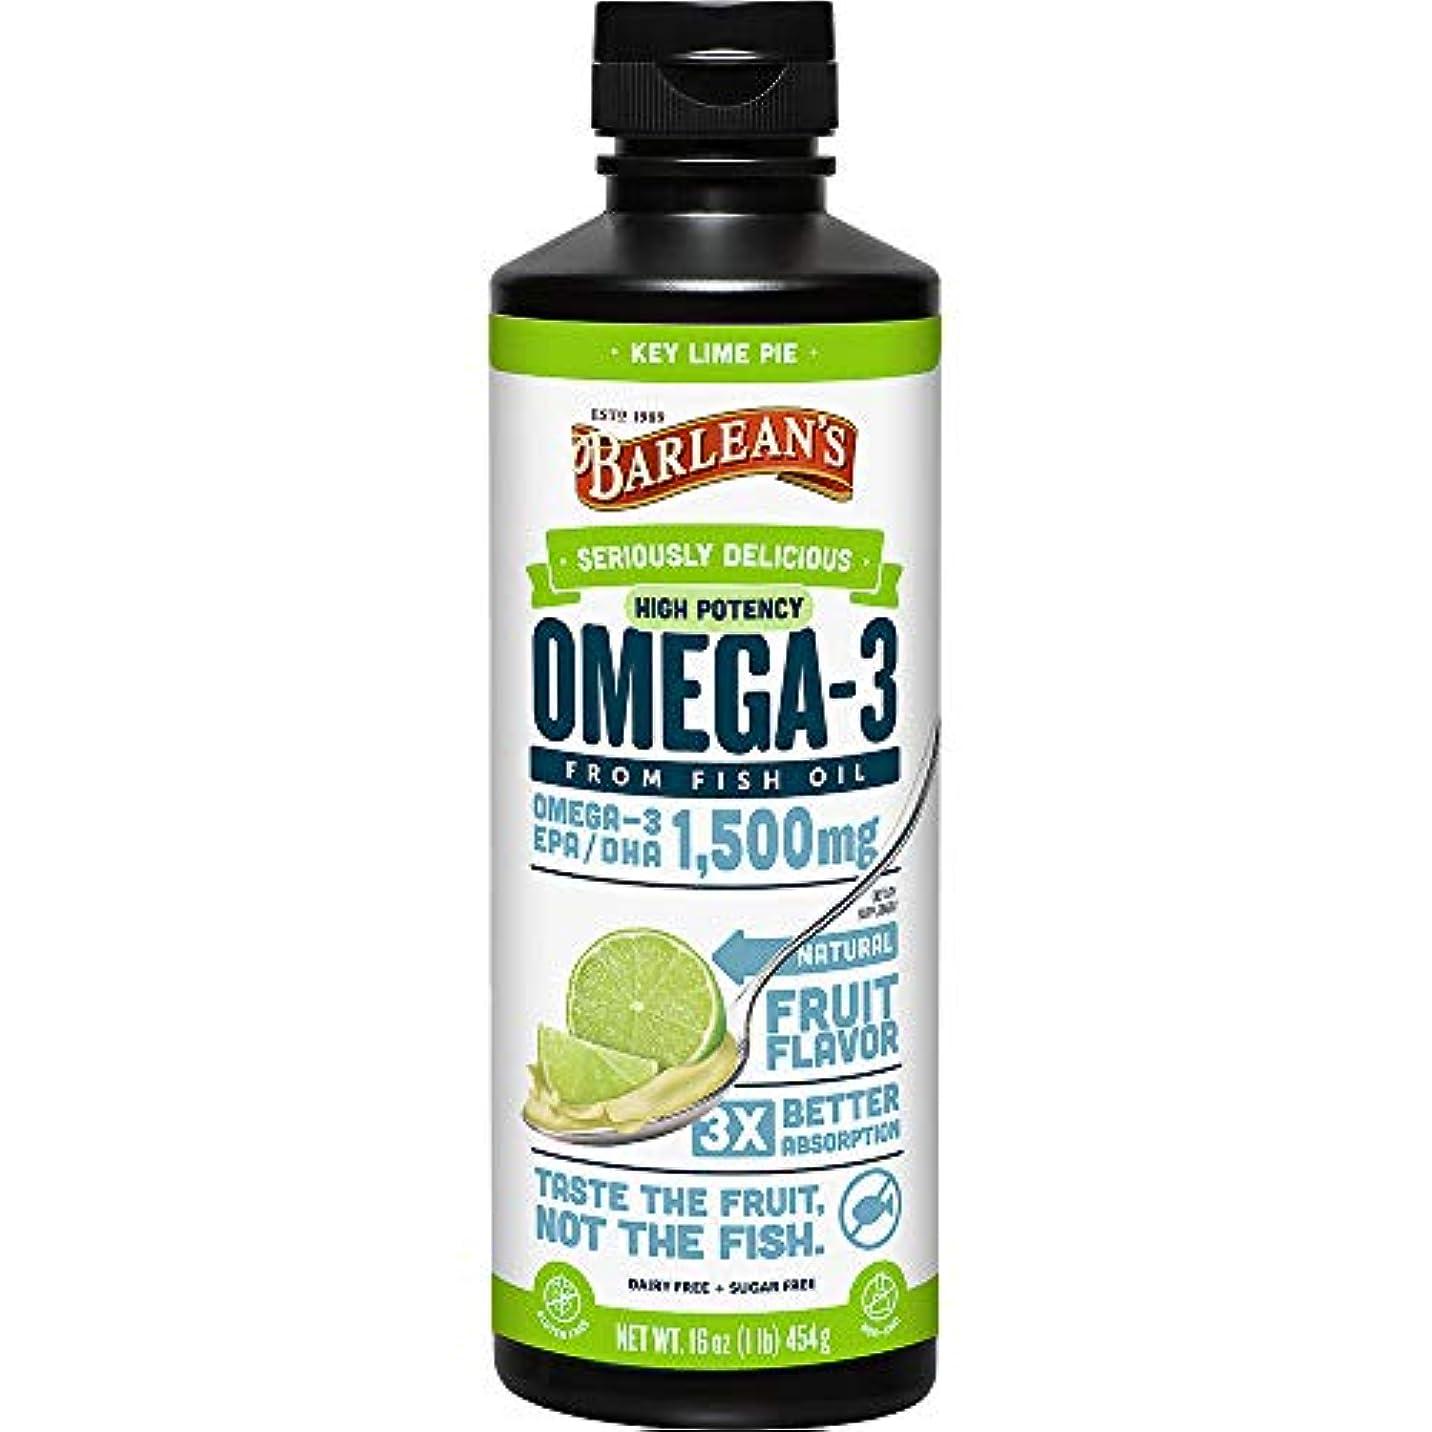 直接ポーンピグマリオンBarlean's - Omegaの渦巻の魚オイルの超高い潜在的能力Key石灰 1500 mg。16ポンド